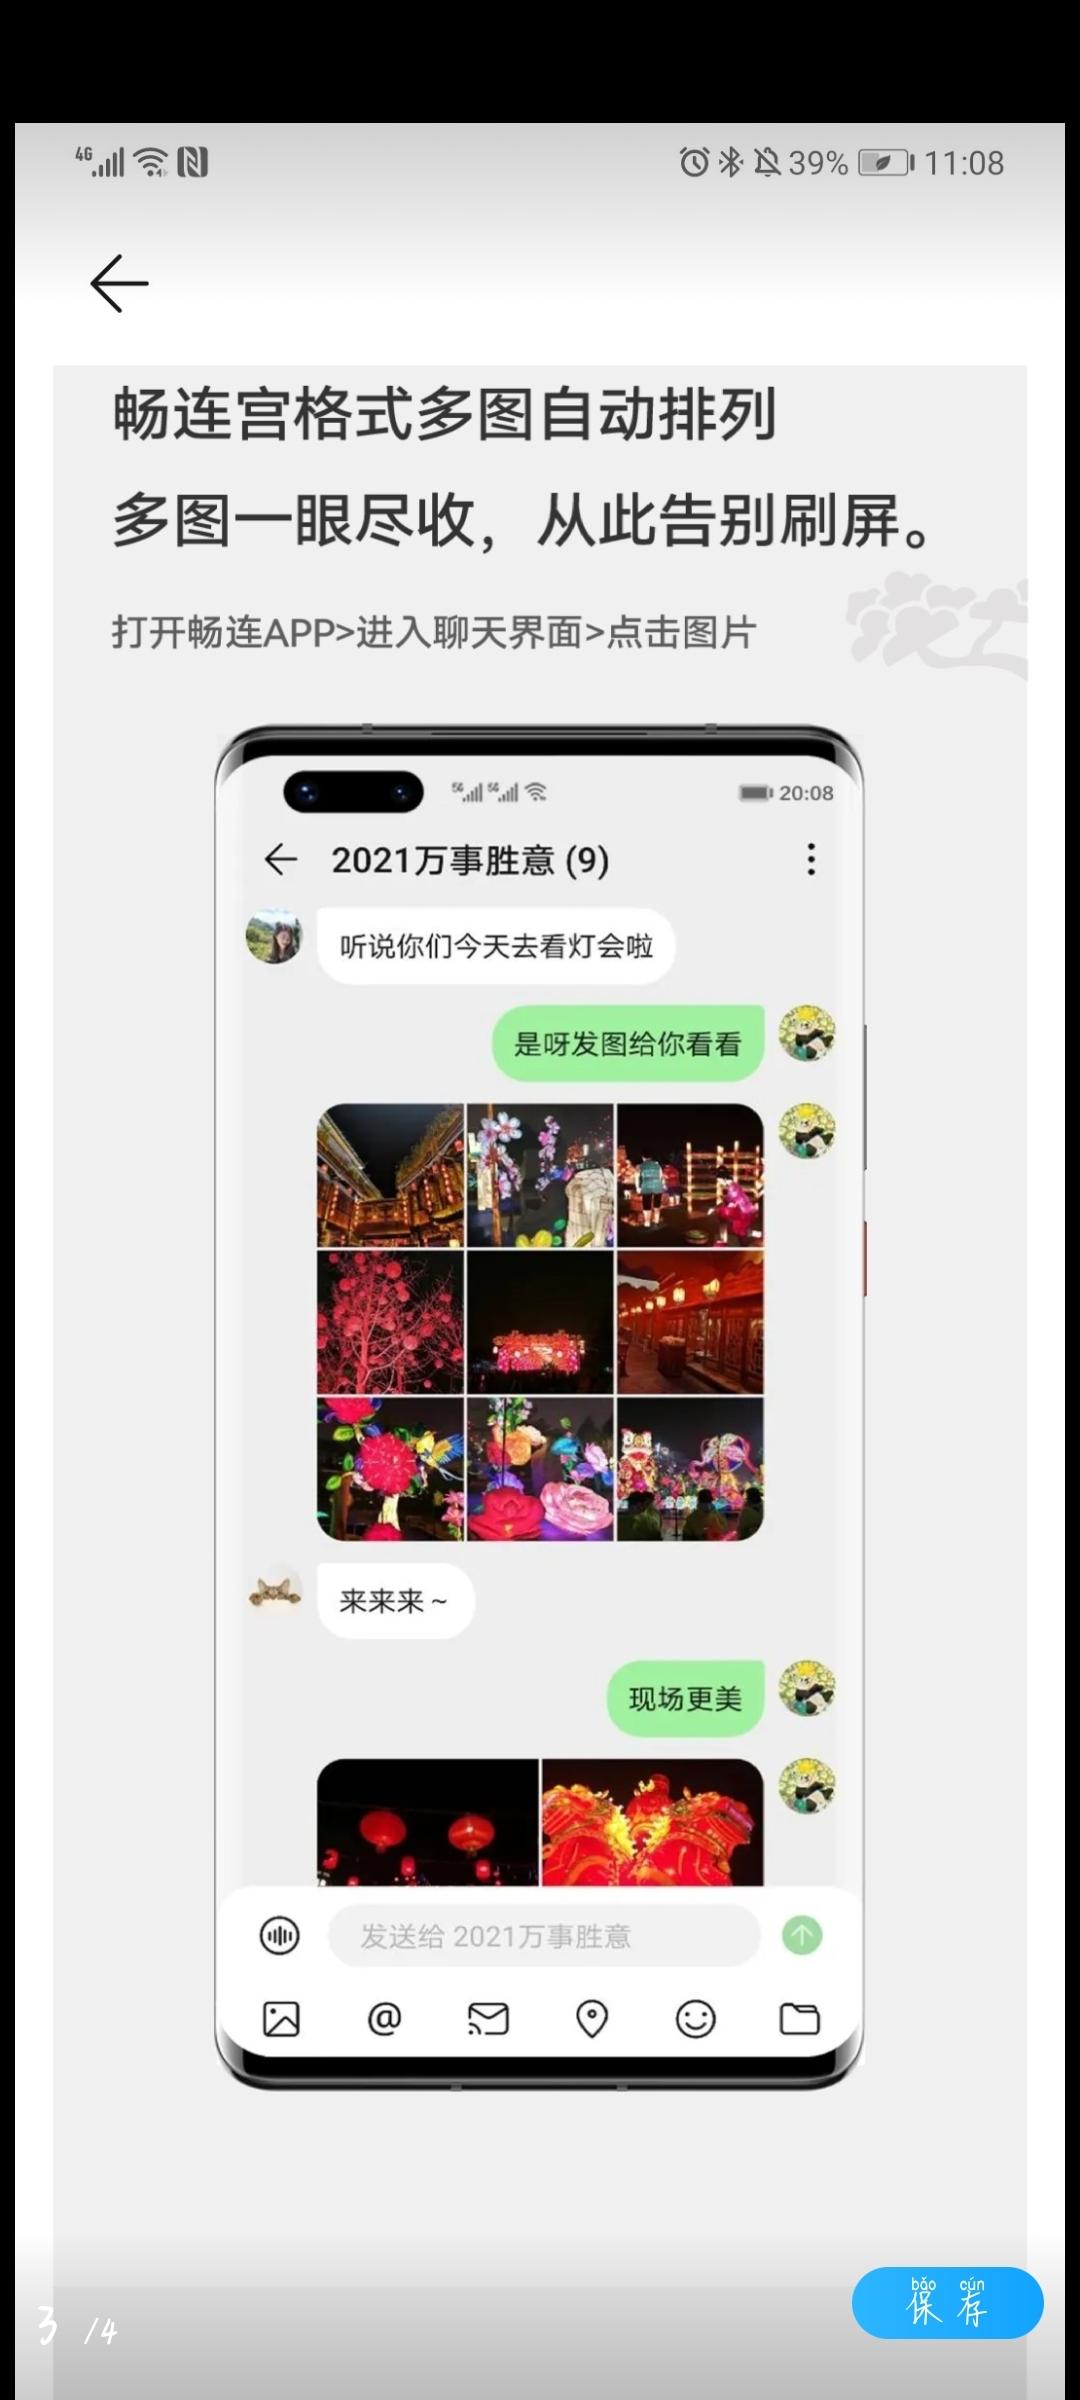 Screenshot_20210330_153547_com.huawei.fans.jpg